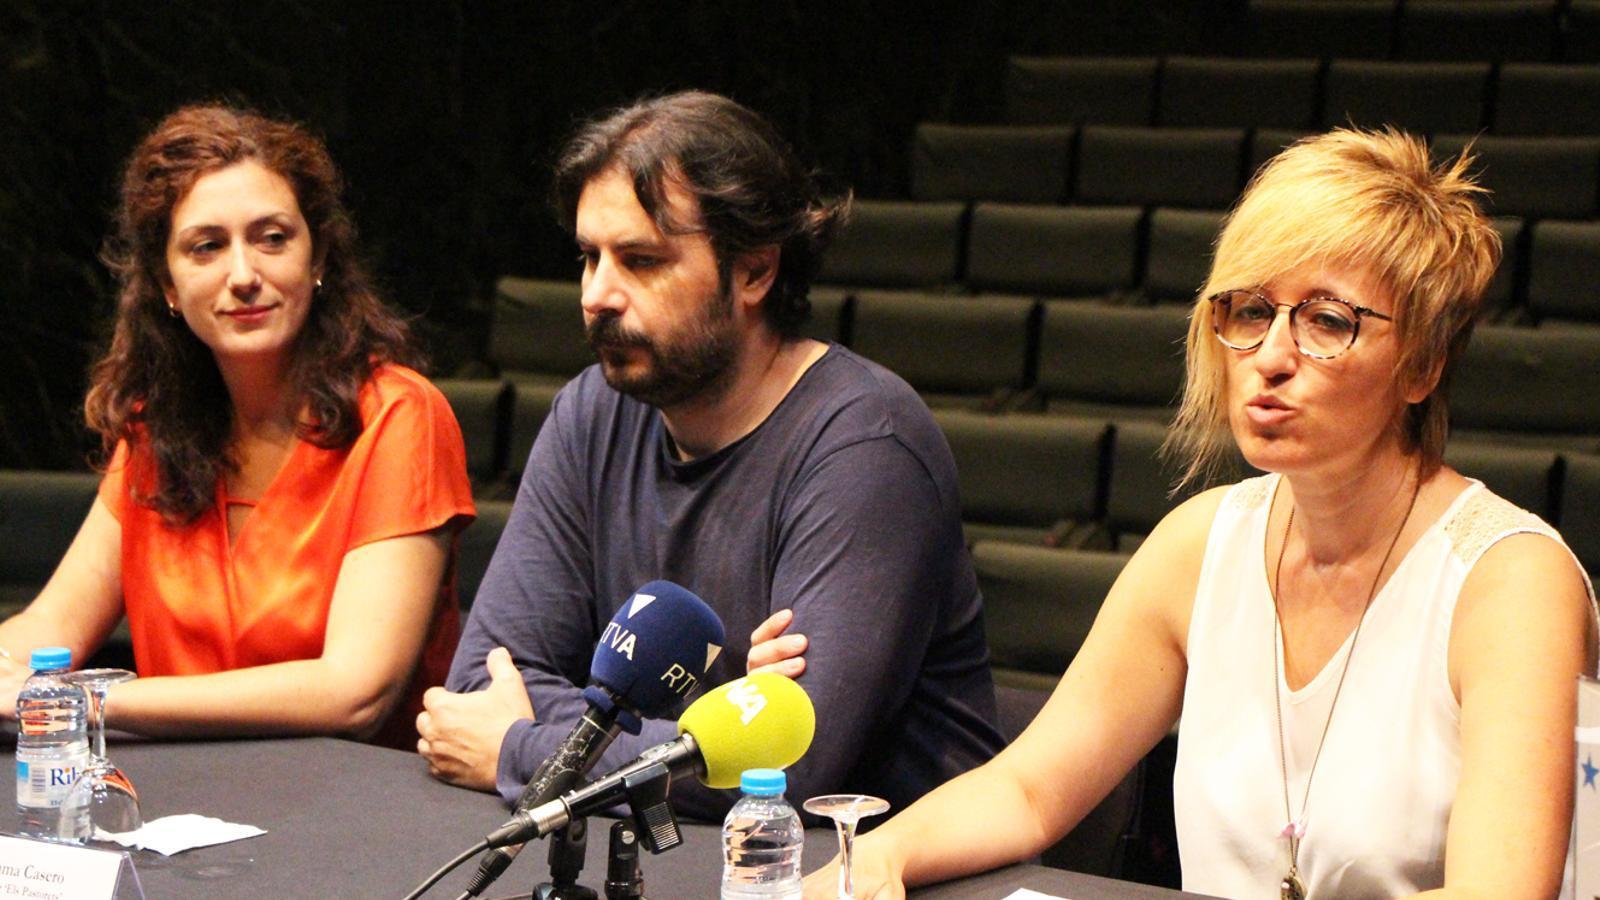 De esquerra a dreta, l'ajudant de direcció Irina Robles, el director Juanma Casero i la cap de Cultura Elisenda Palomares. / M. P. (ANA)